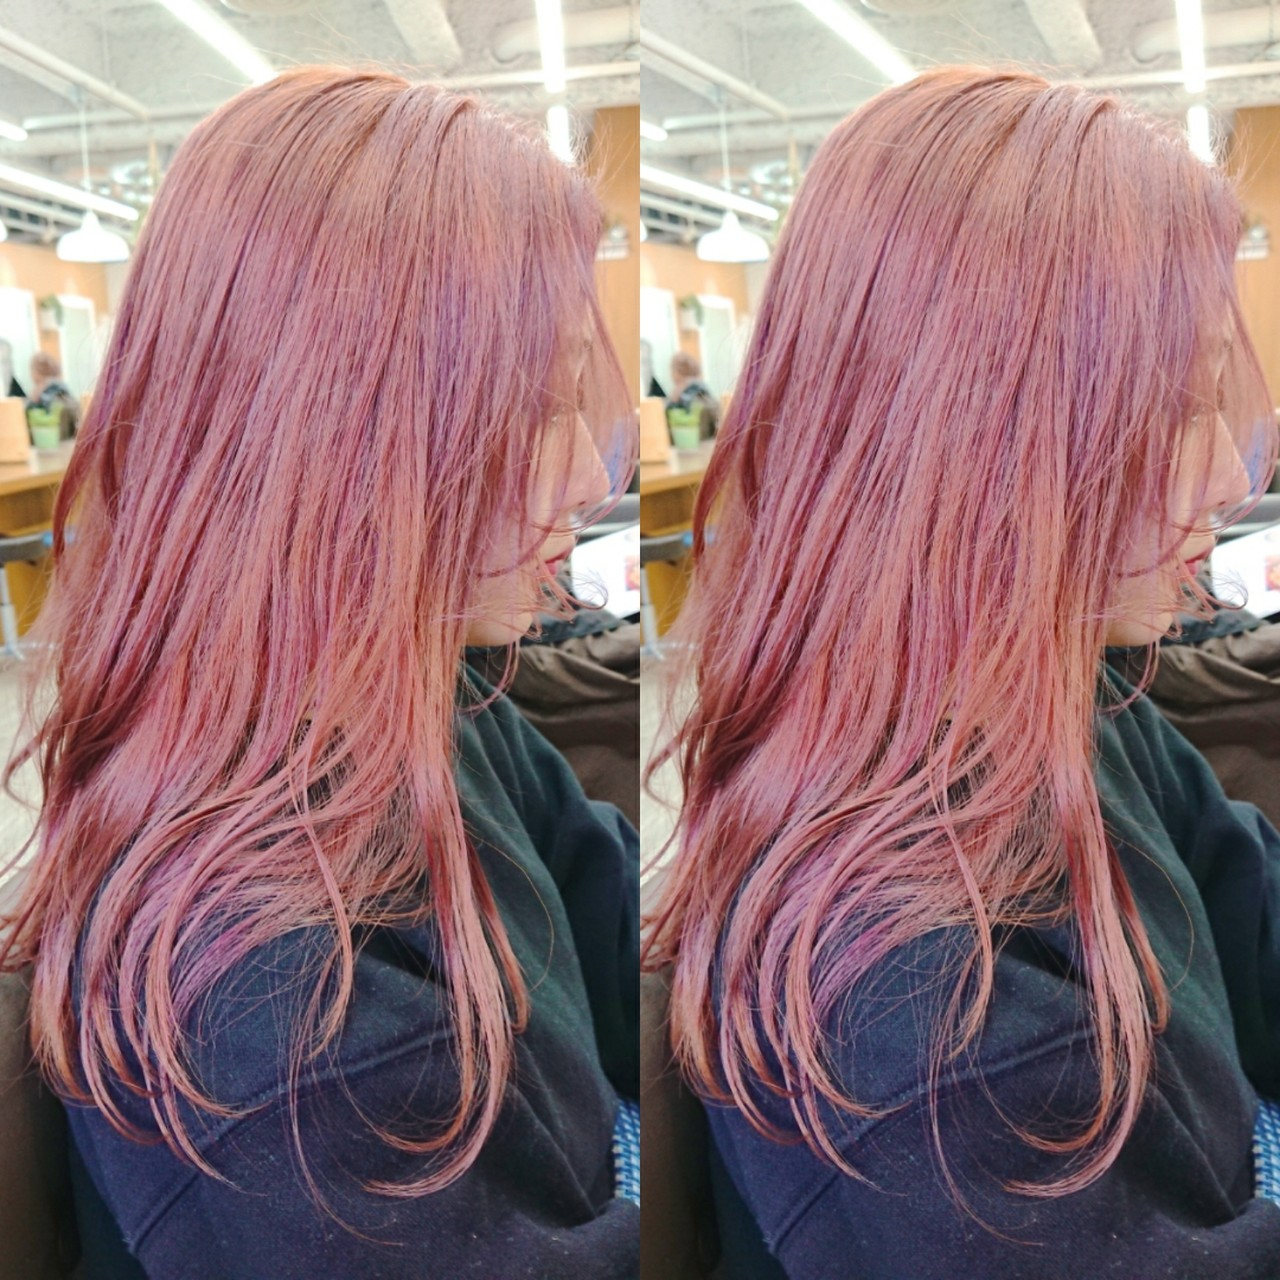 銀座美容室 ロング ヘアスタイル TOKIOトリートメント ヘアスタイルや髪型の写真・画像 | MATSUDA / HAIR DERA'S 中央通り店